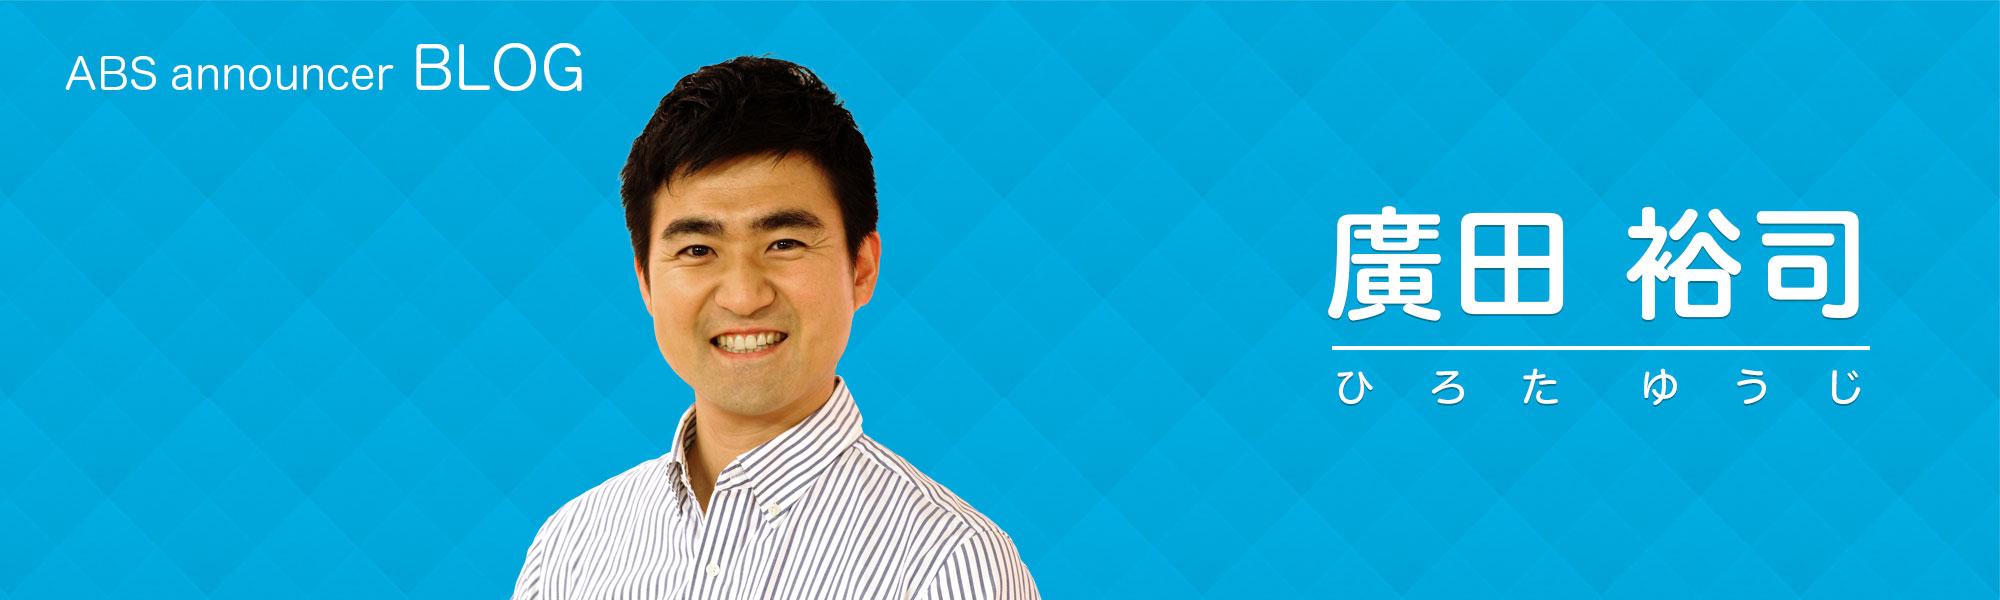 廣田裕司のブログ